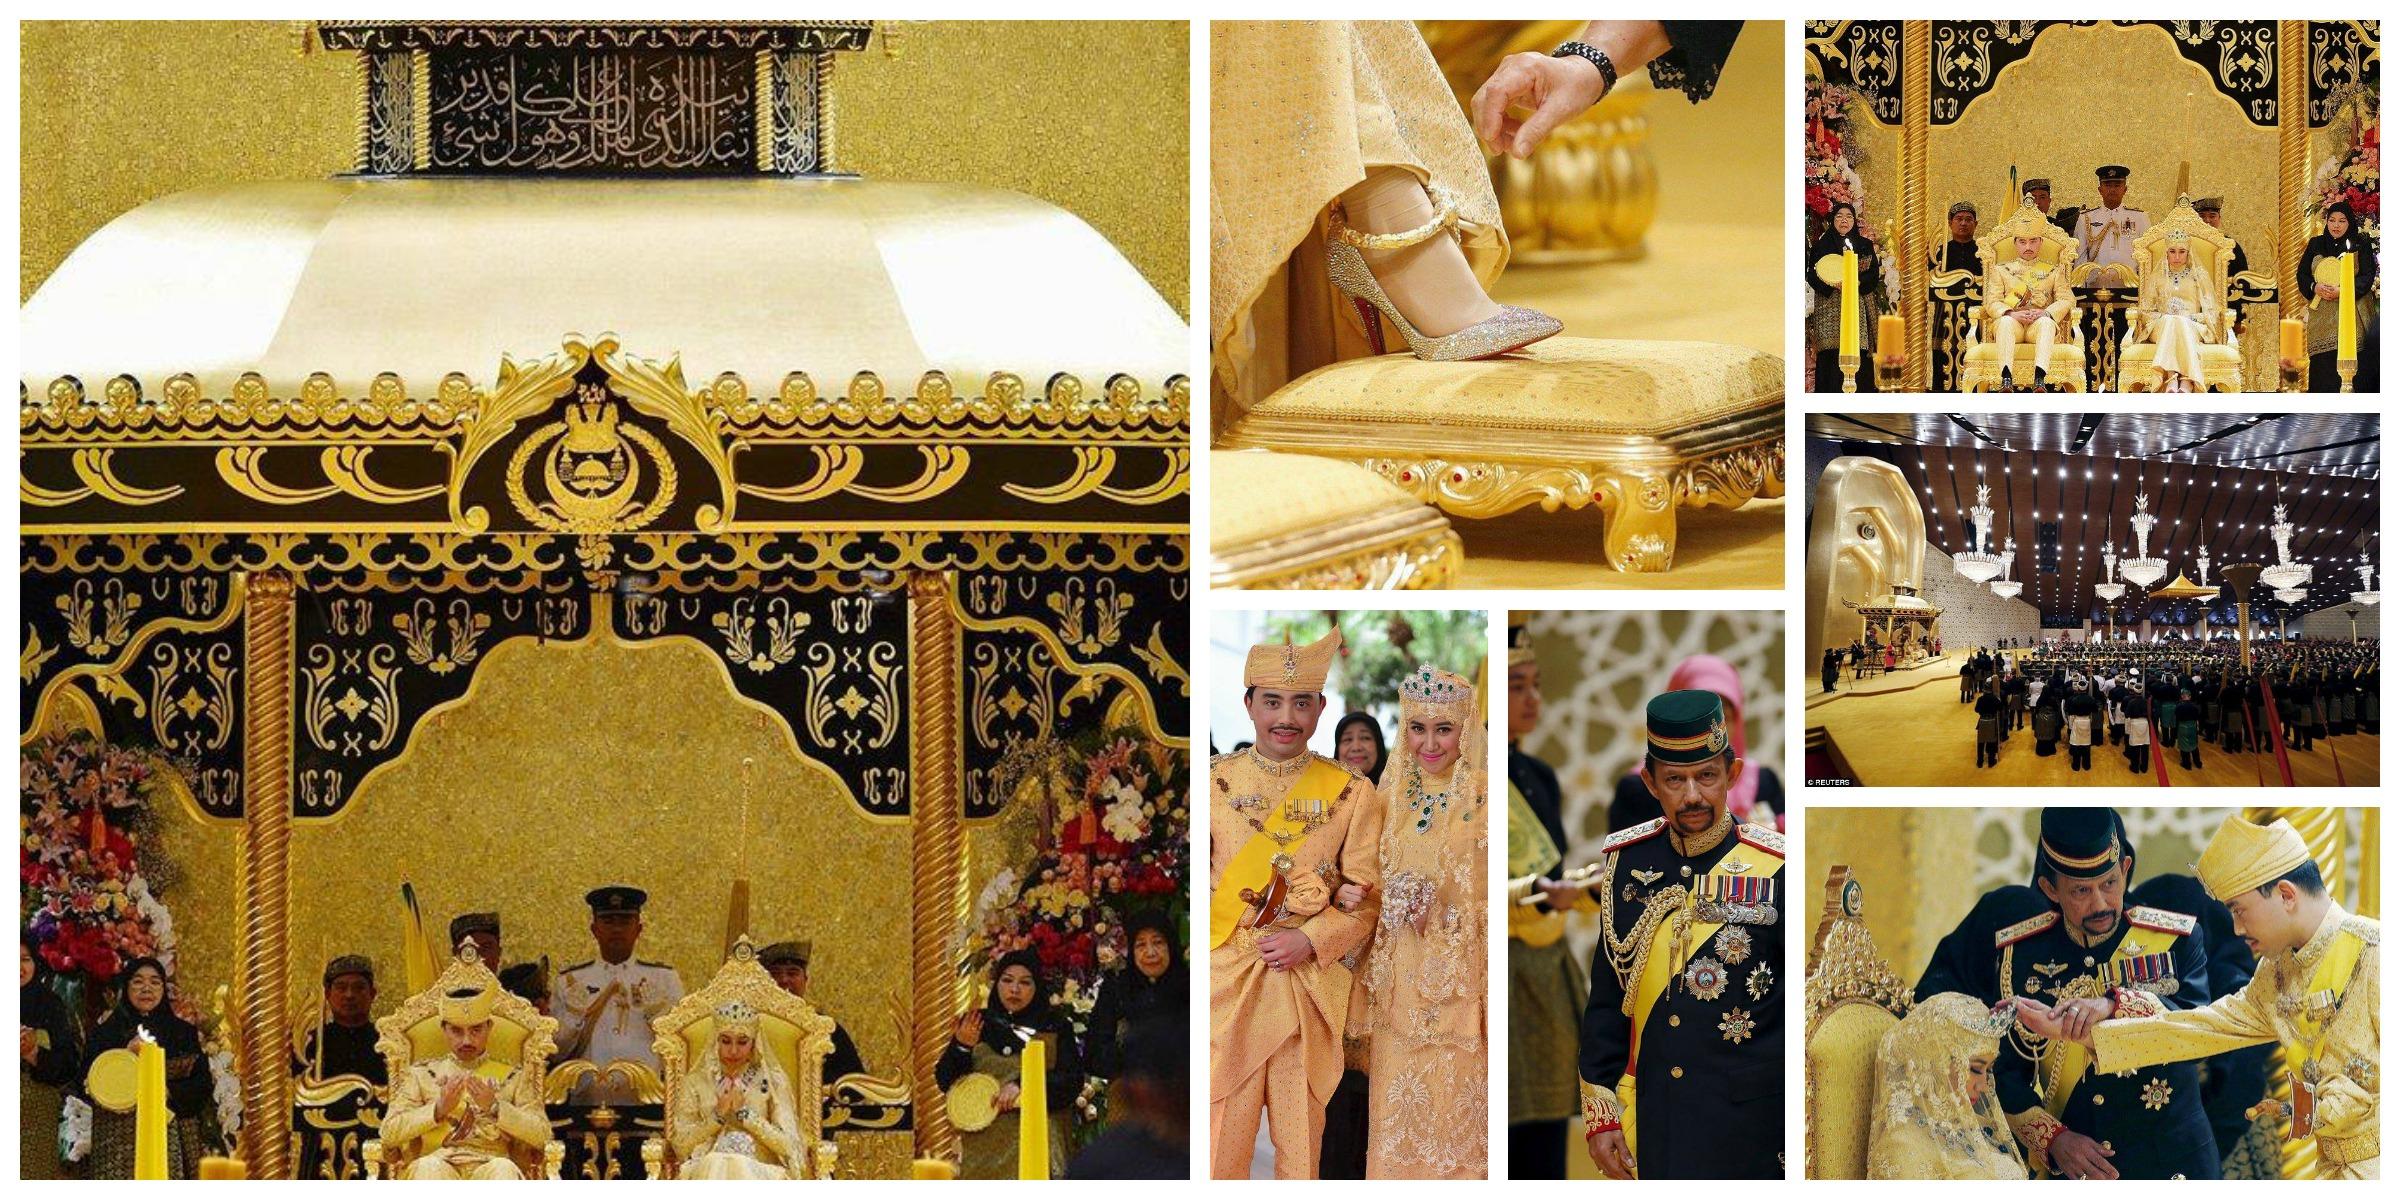 صورة عروسان يرتدىان ملابس ذهبية ومرصعة بالألماس في زفاف الابن الأصغر لسلطان بروناي